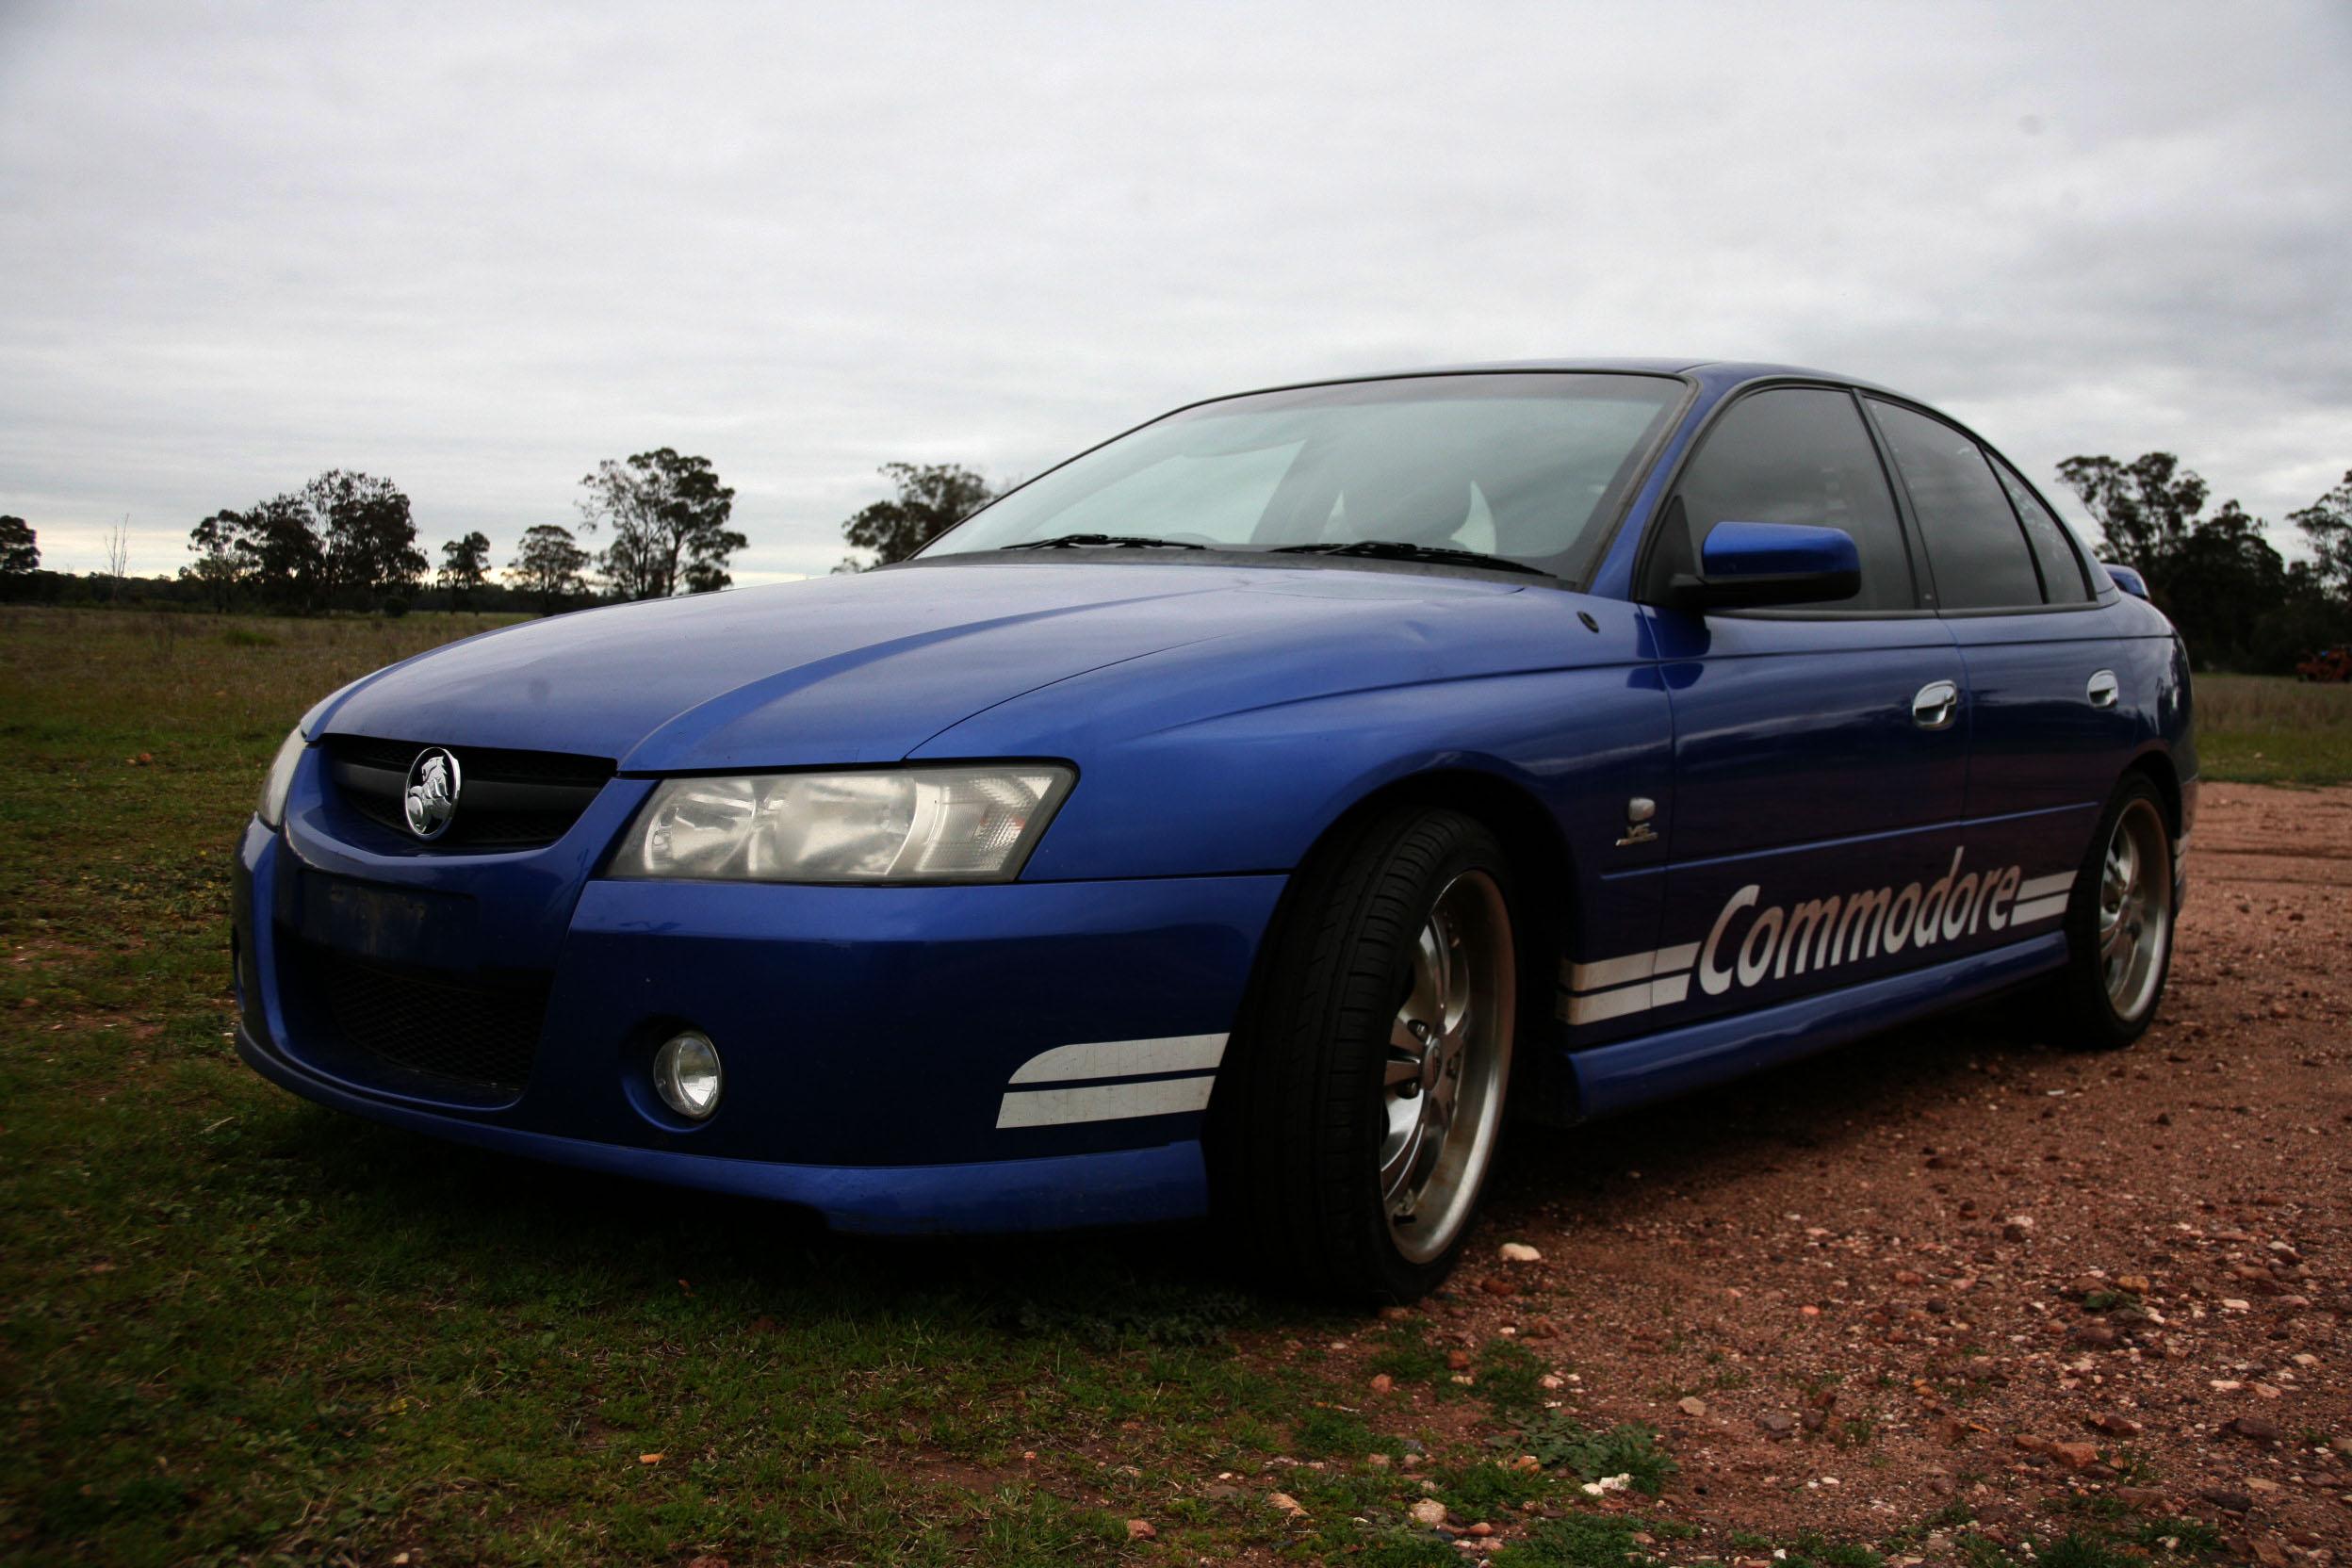 2005 Holden Commodore SVZ VZ  Car Sales NSW Dubbo 2734471